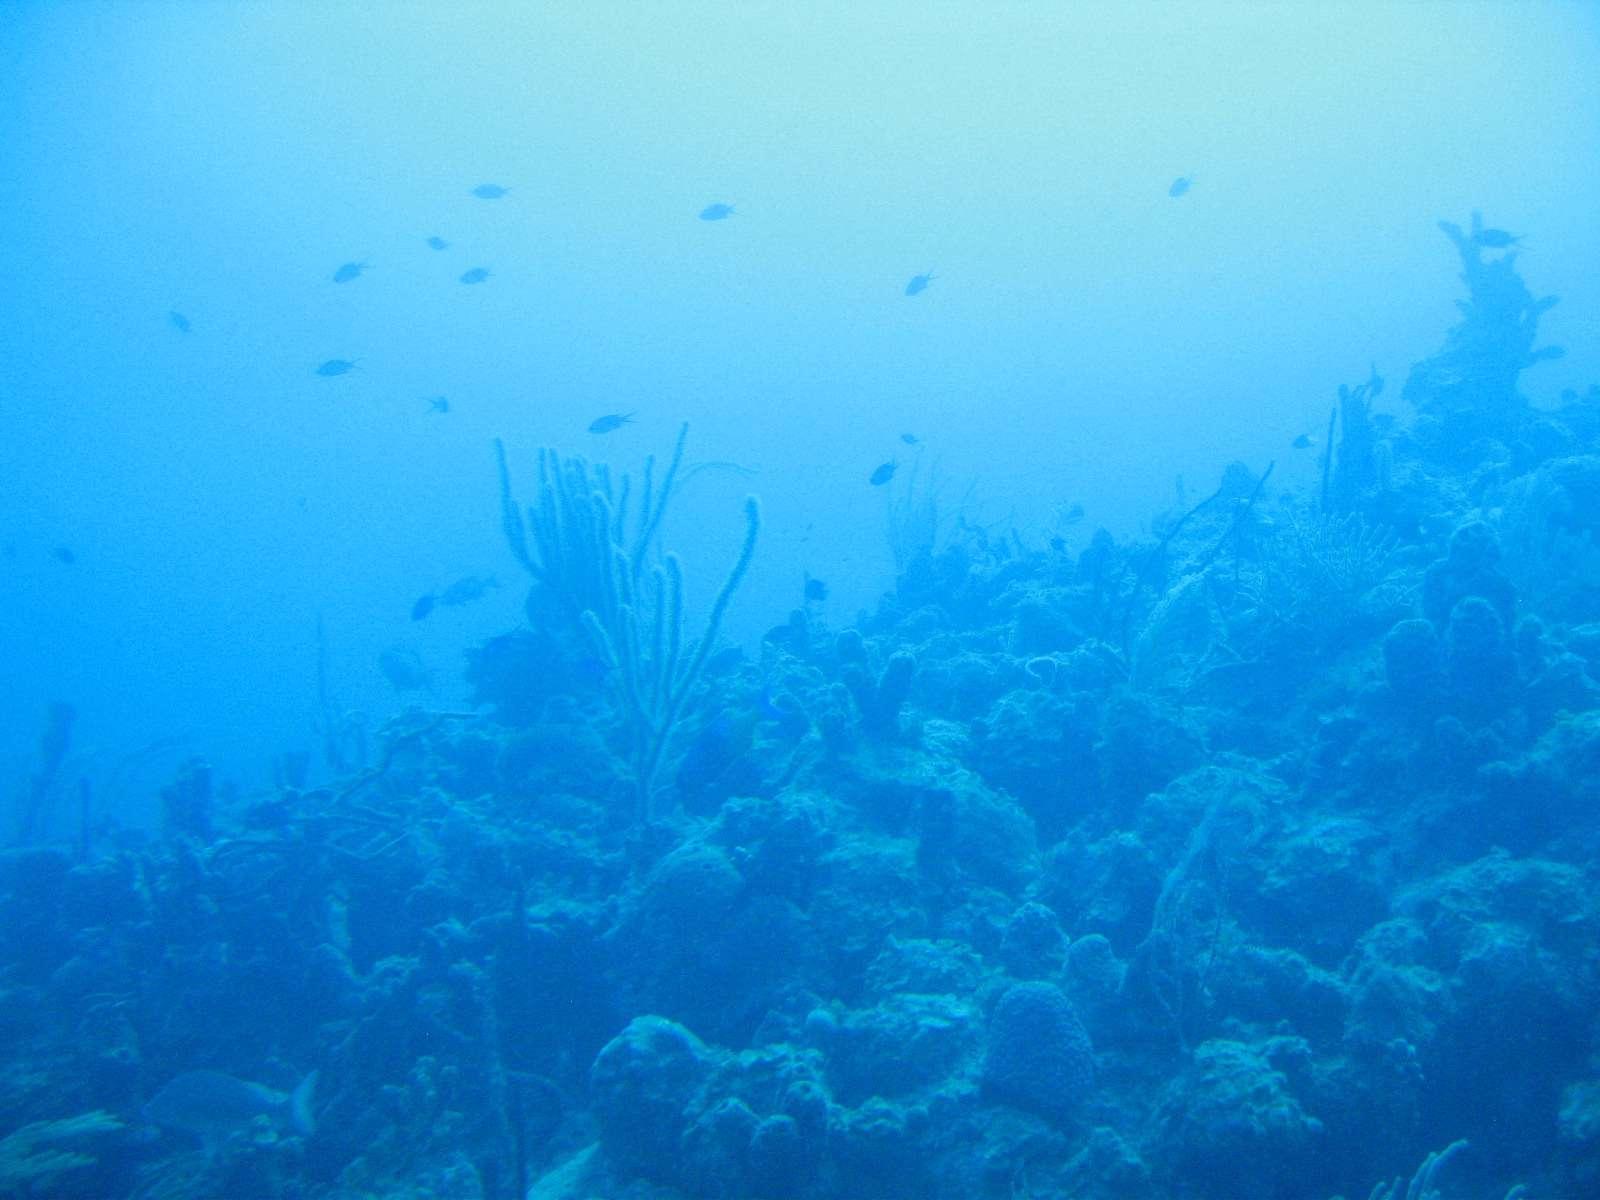 The ocean floor as seen underwater.